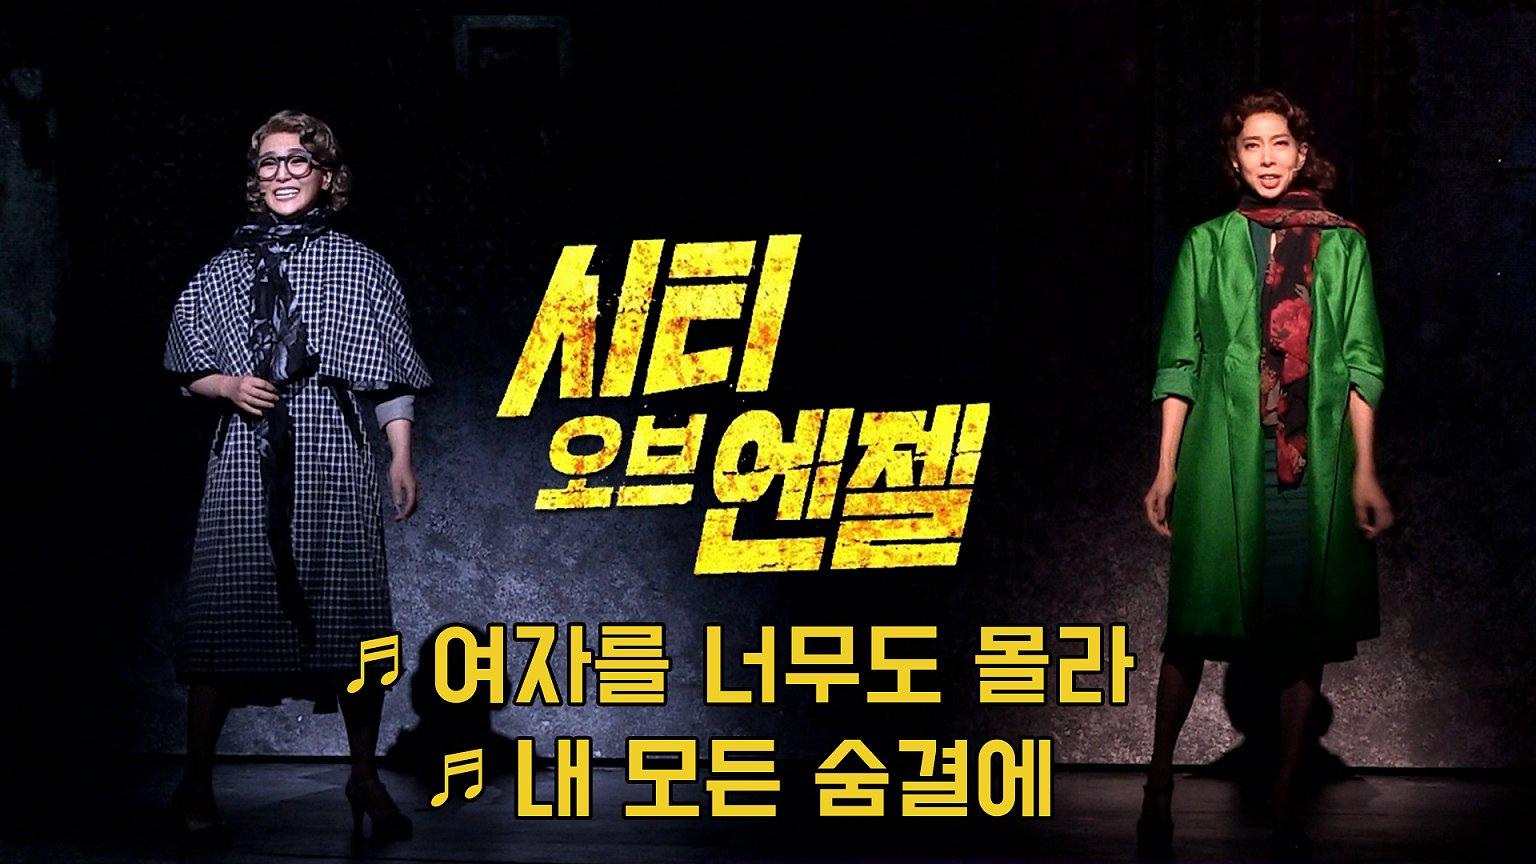 뮤지컬 '시티오브엔젤' 2019 프레스콜 '여자를 너무도 몰라' '내 모든 숨결에' - 방진의, 박혜나, 리사, 테